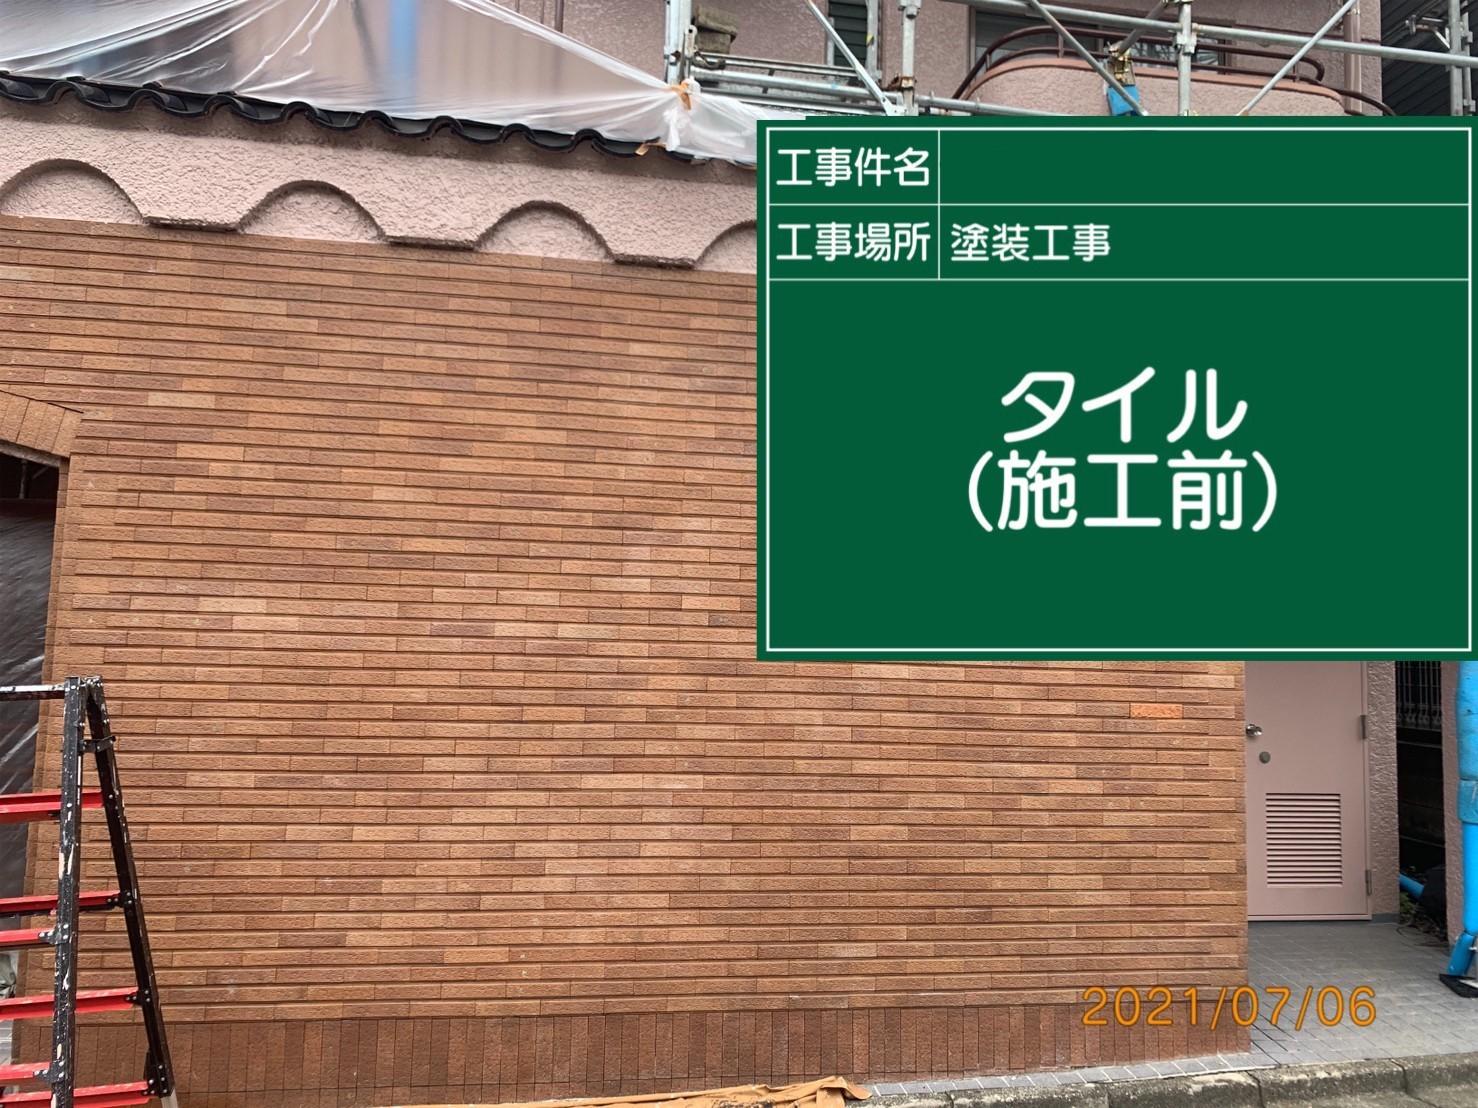 【タイル】①施工前